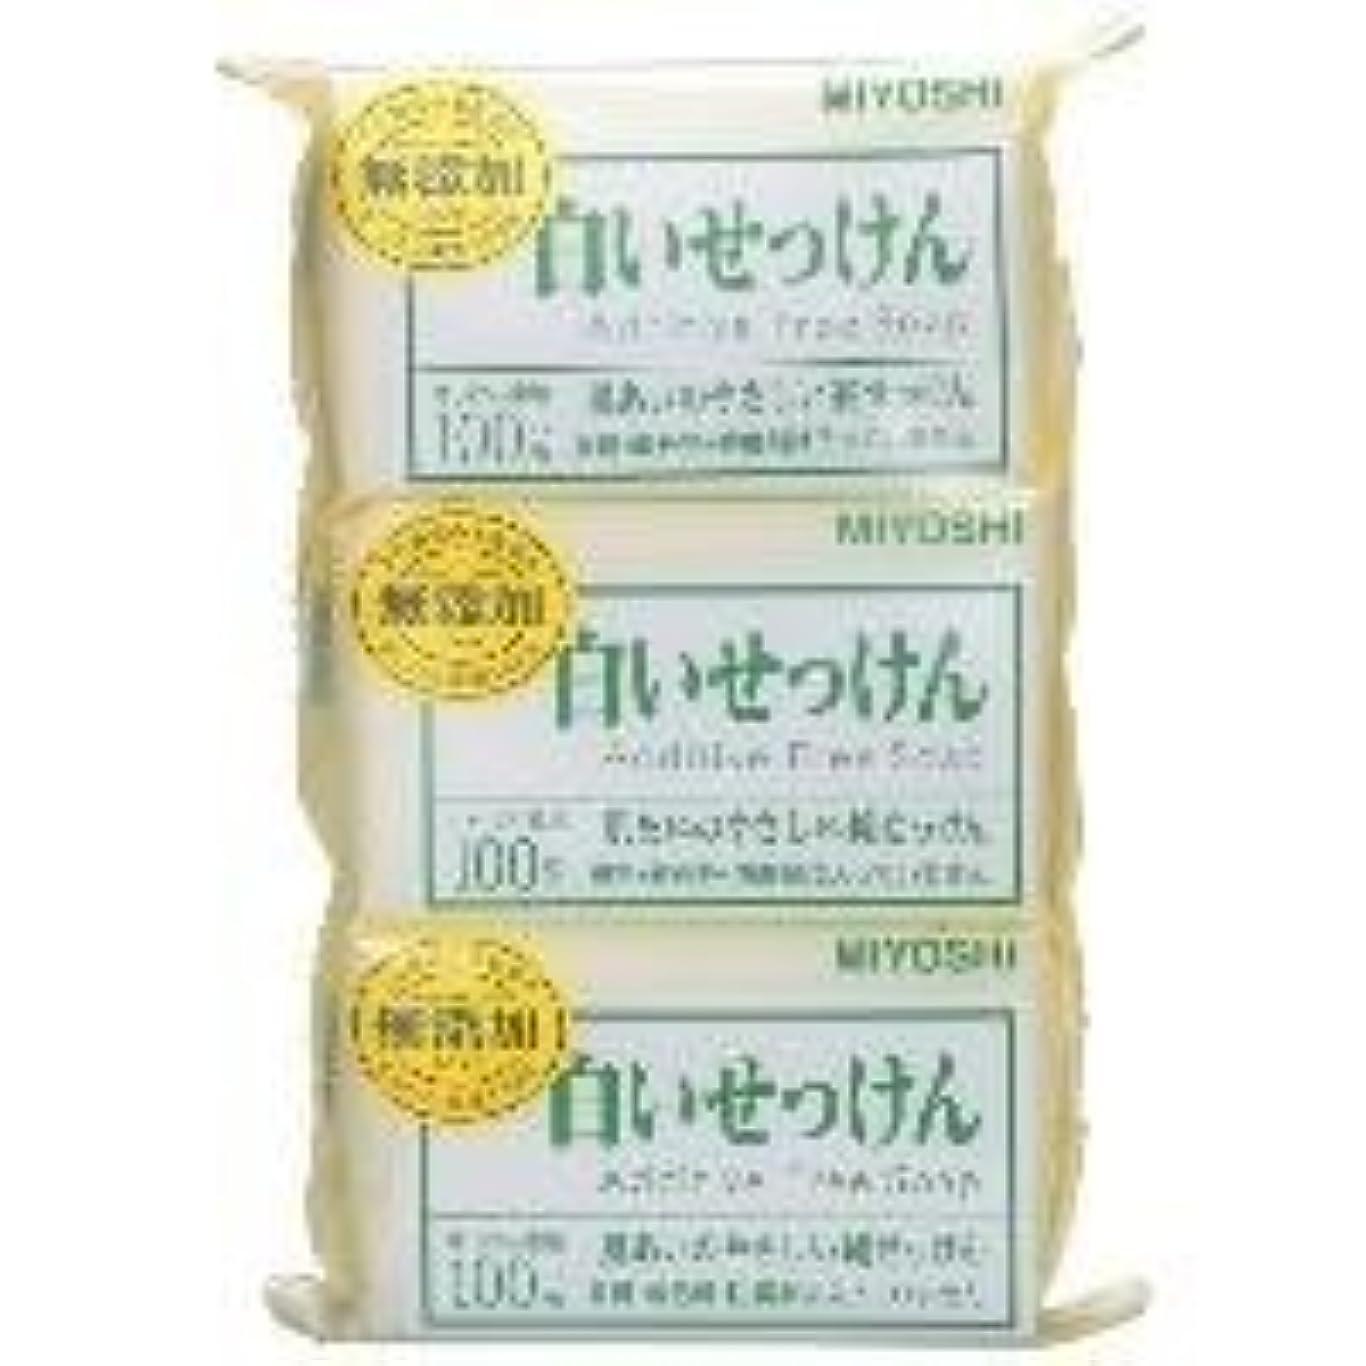 虹ウッズナラーバー【MIYOSHI】無添加 白いせっけん 108g×3個入